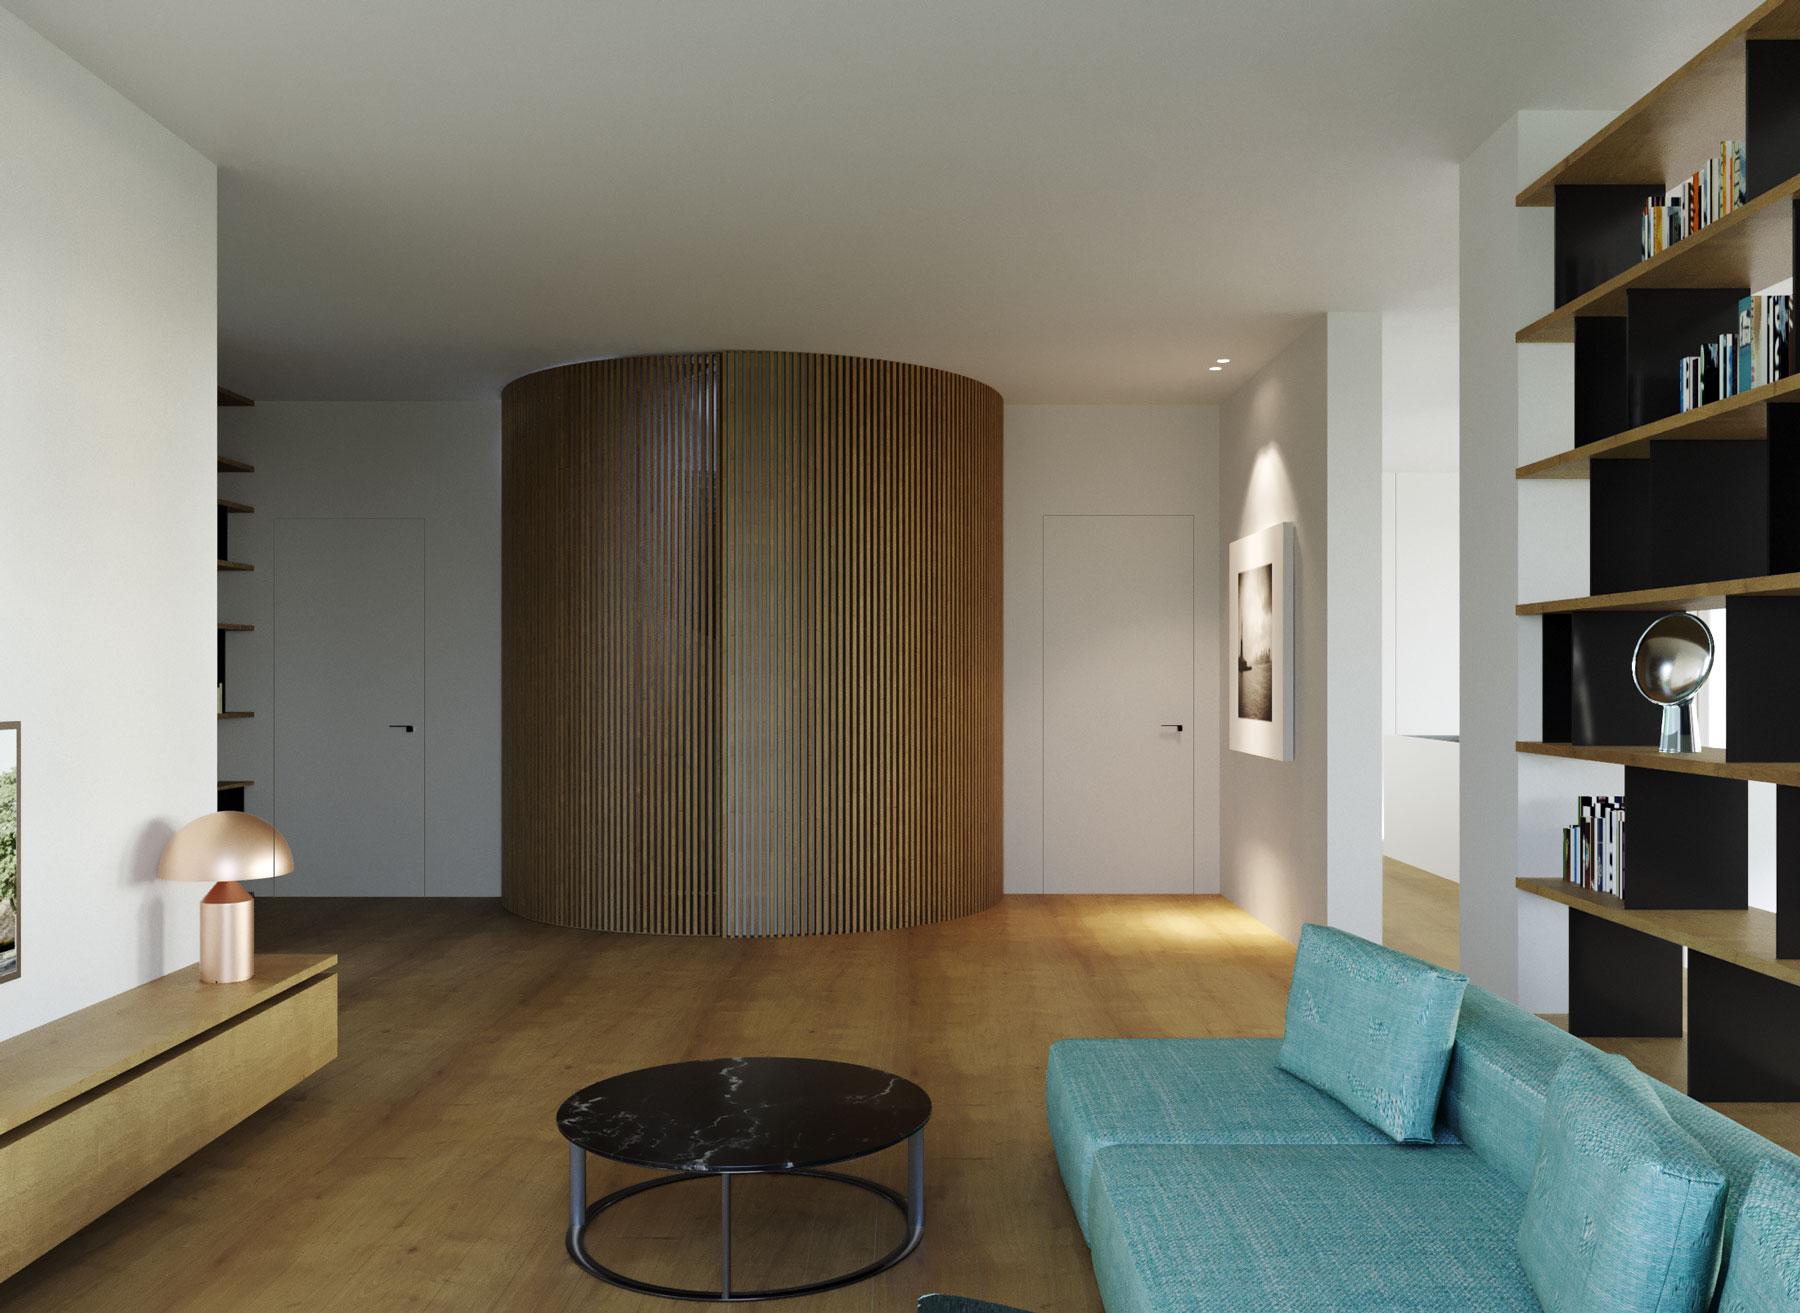 Casa AV - Ristrutturazione | Interior design